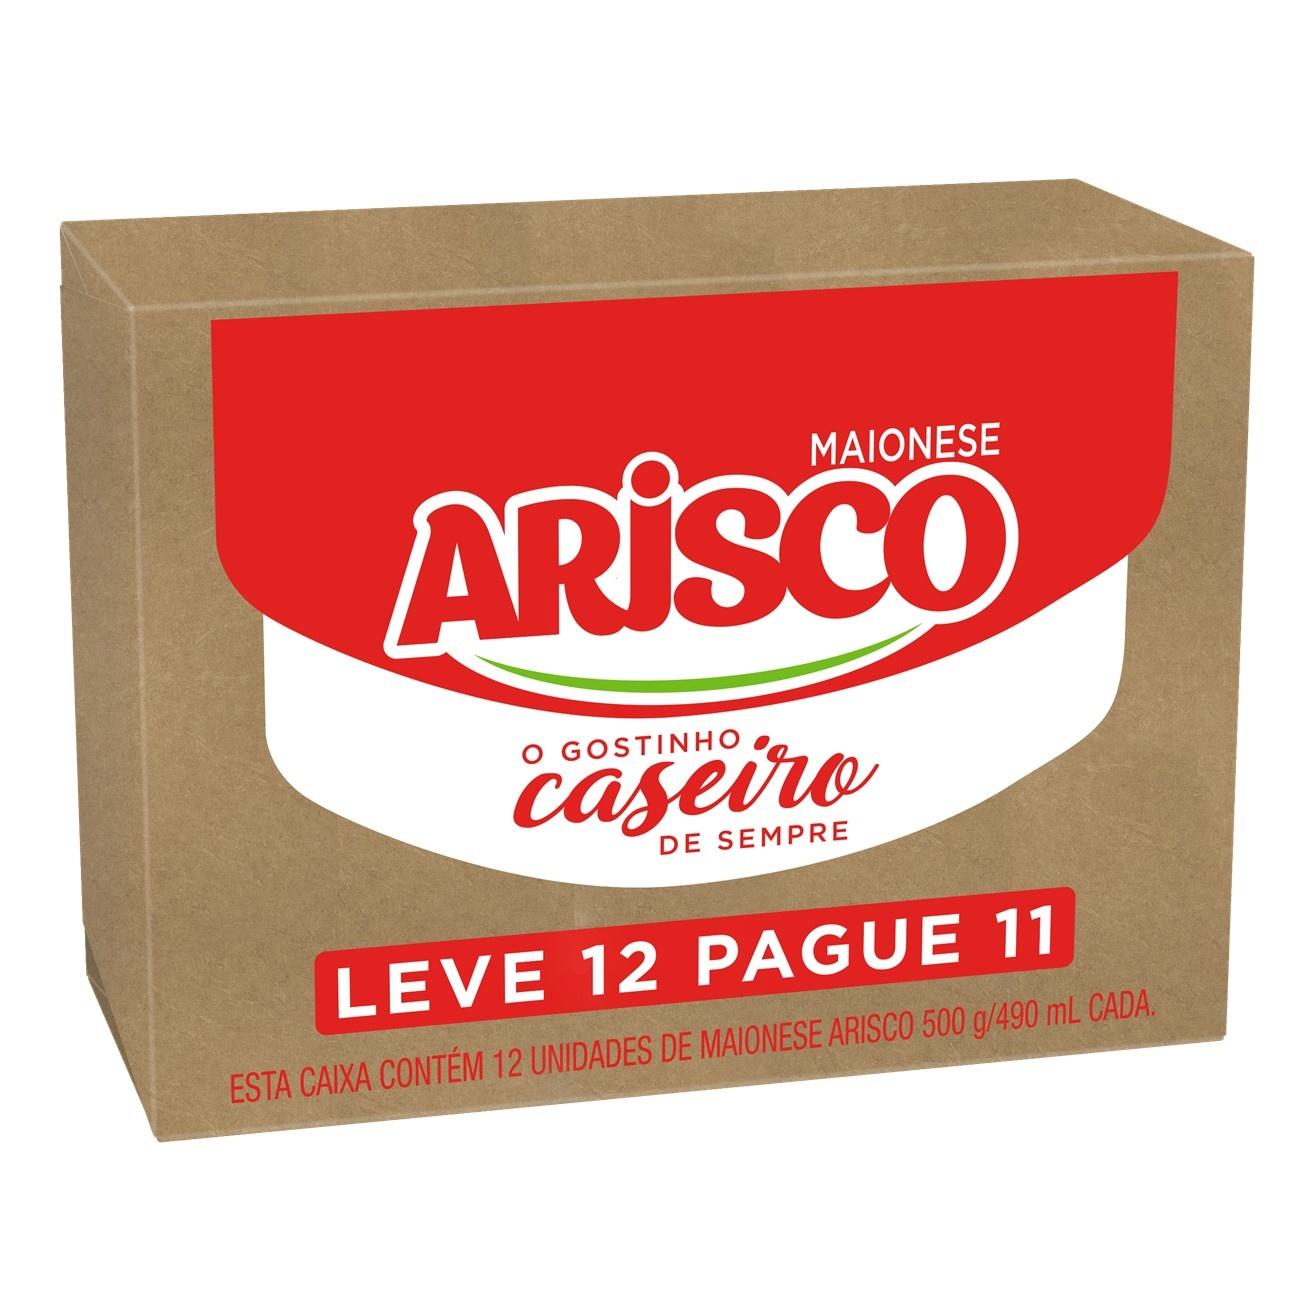 Oferta Maionese Arisco Tradicional 500g